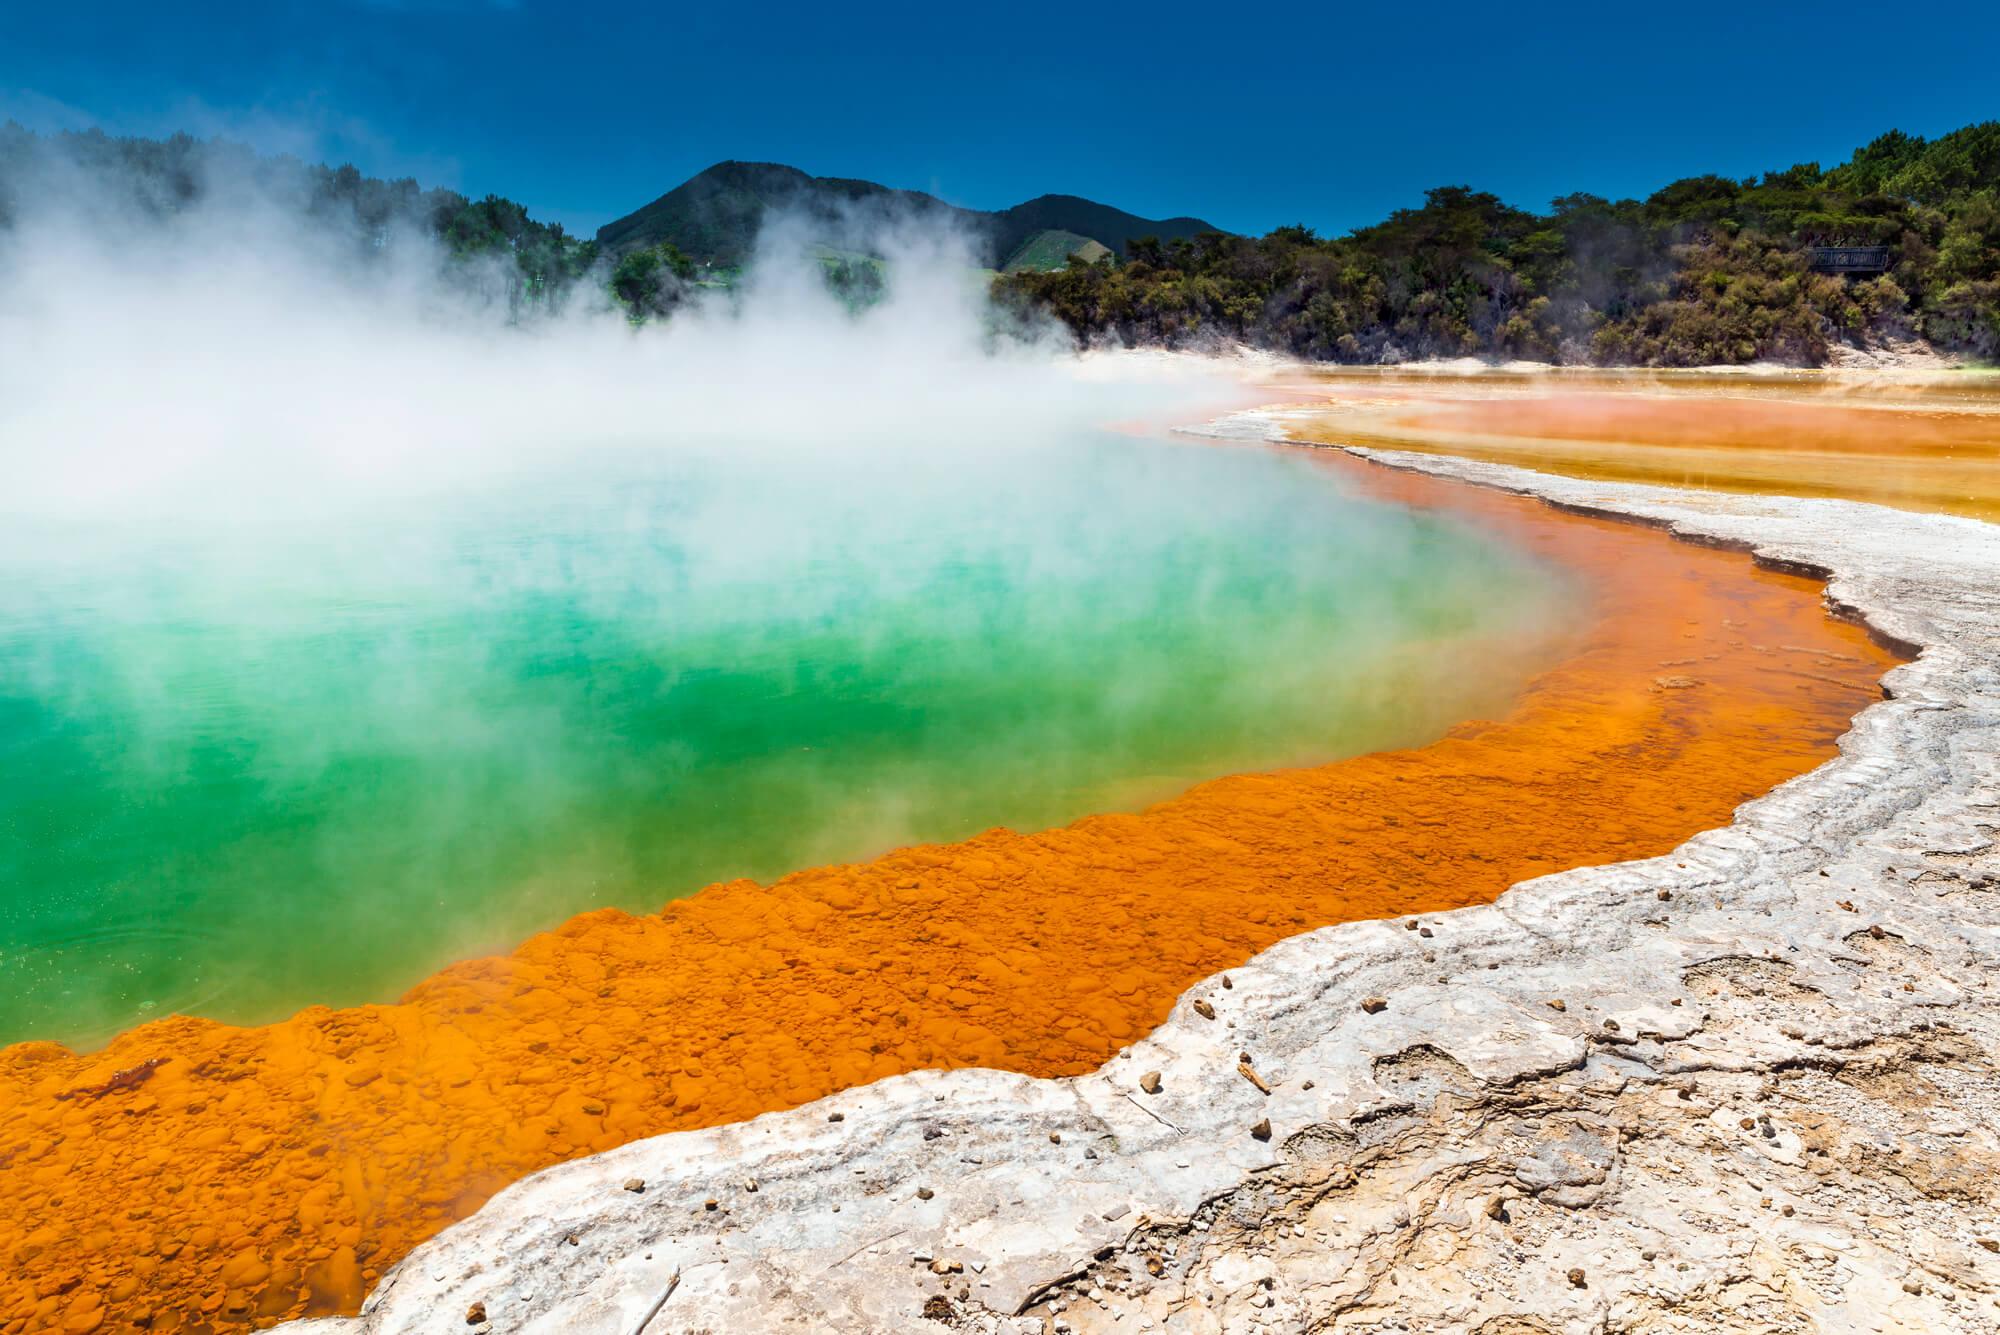 Nový Zéland Champagne pool